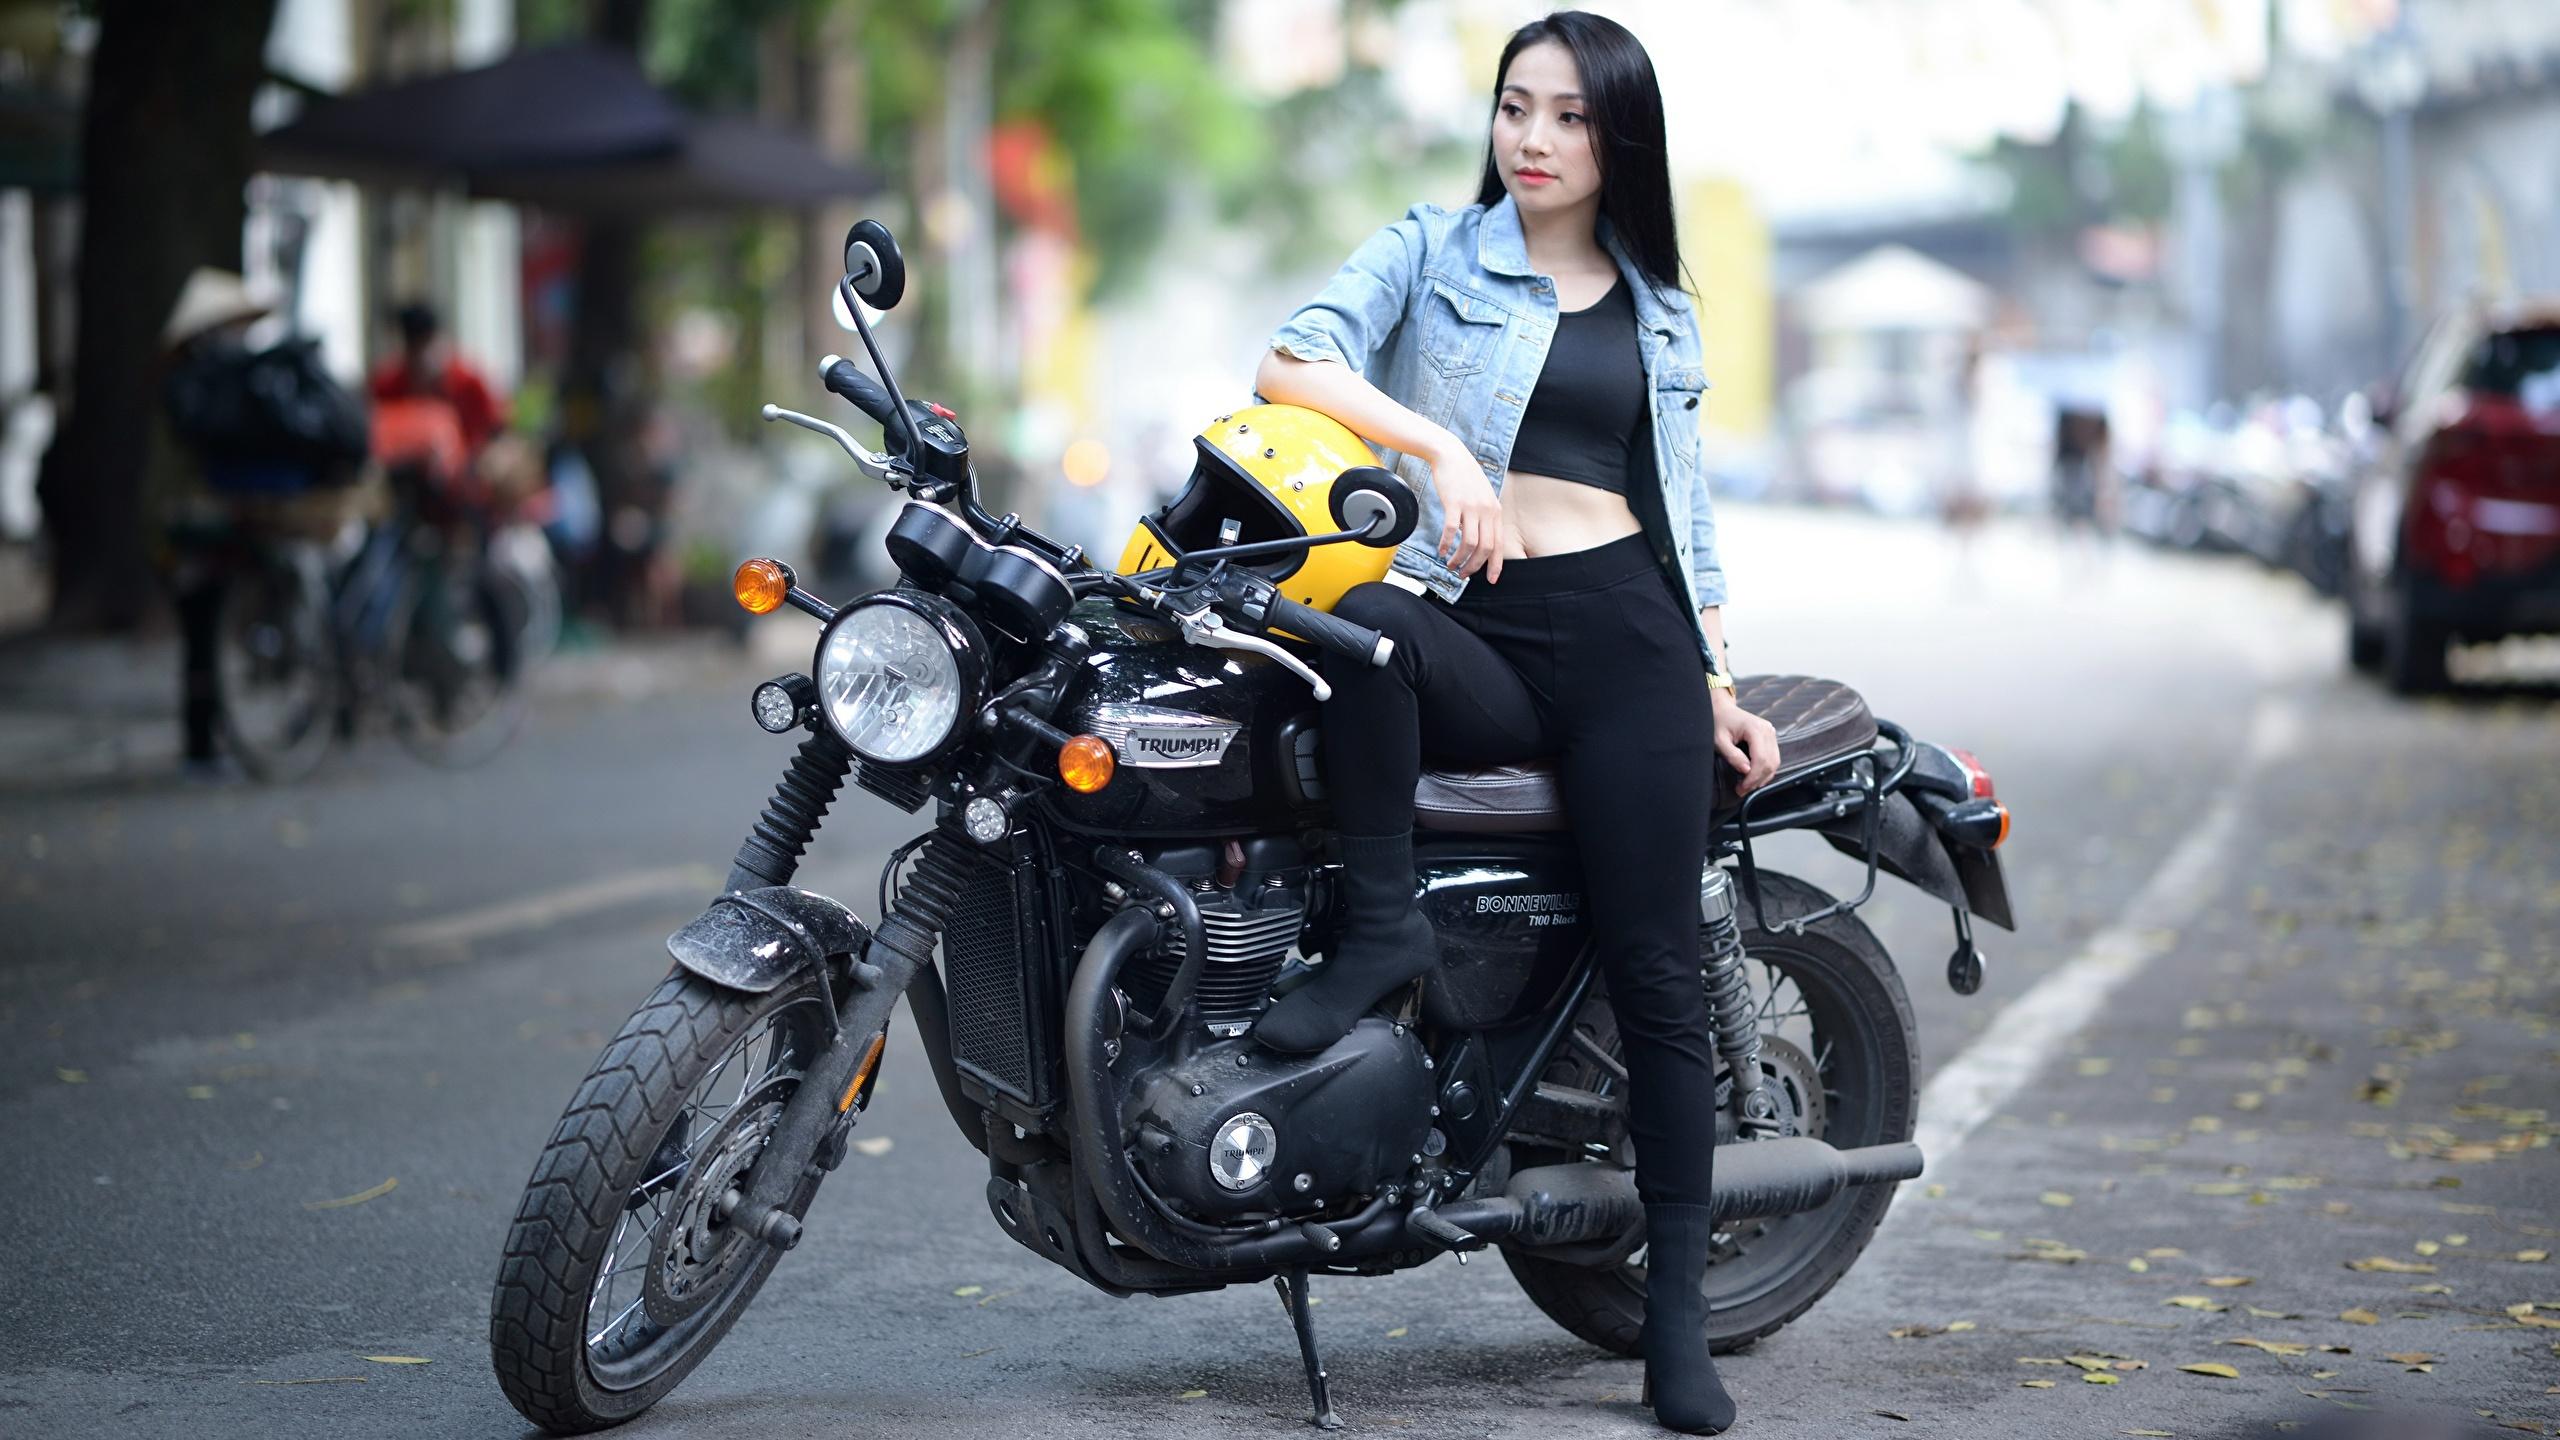 Fotos Triumph Motorcycles Ltd. Brünette Helm unscharfer Hintergrund Mädchens Motorräder Asiatische 2560x1440 Bokeh Motorrad junge frau junge Frauen Asiaten asiatisches